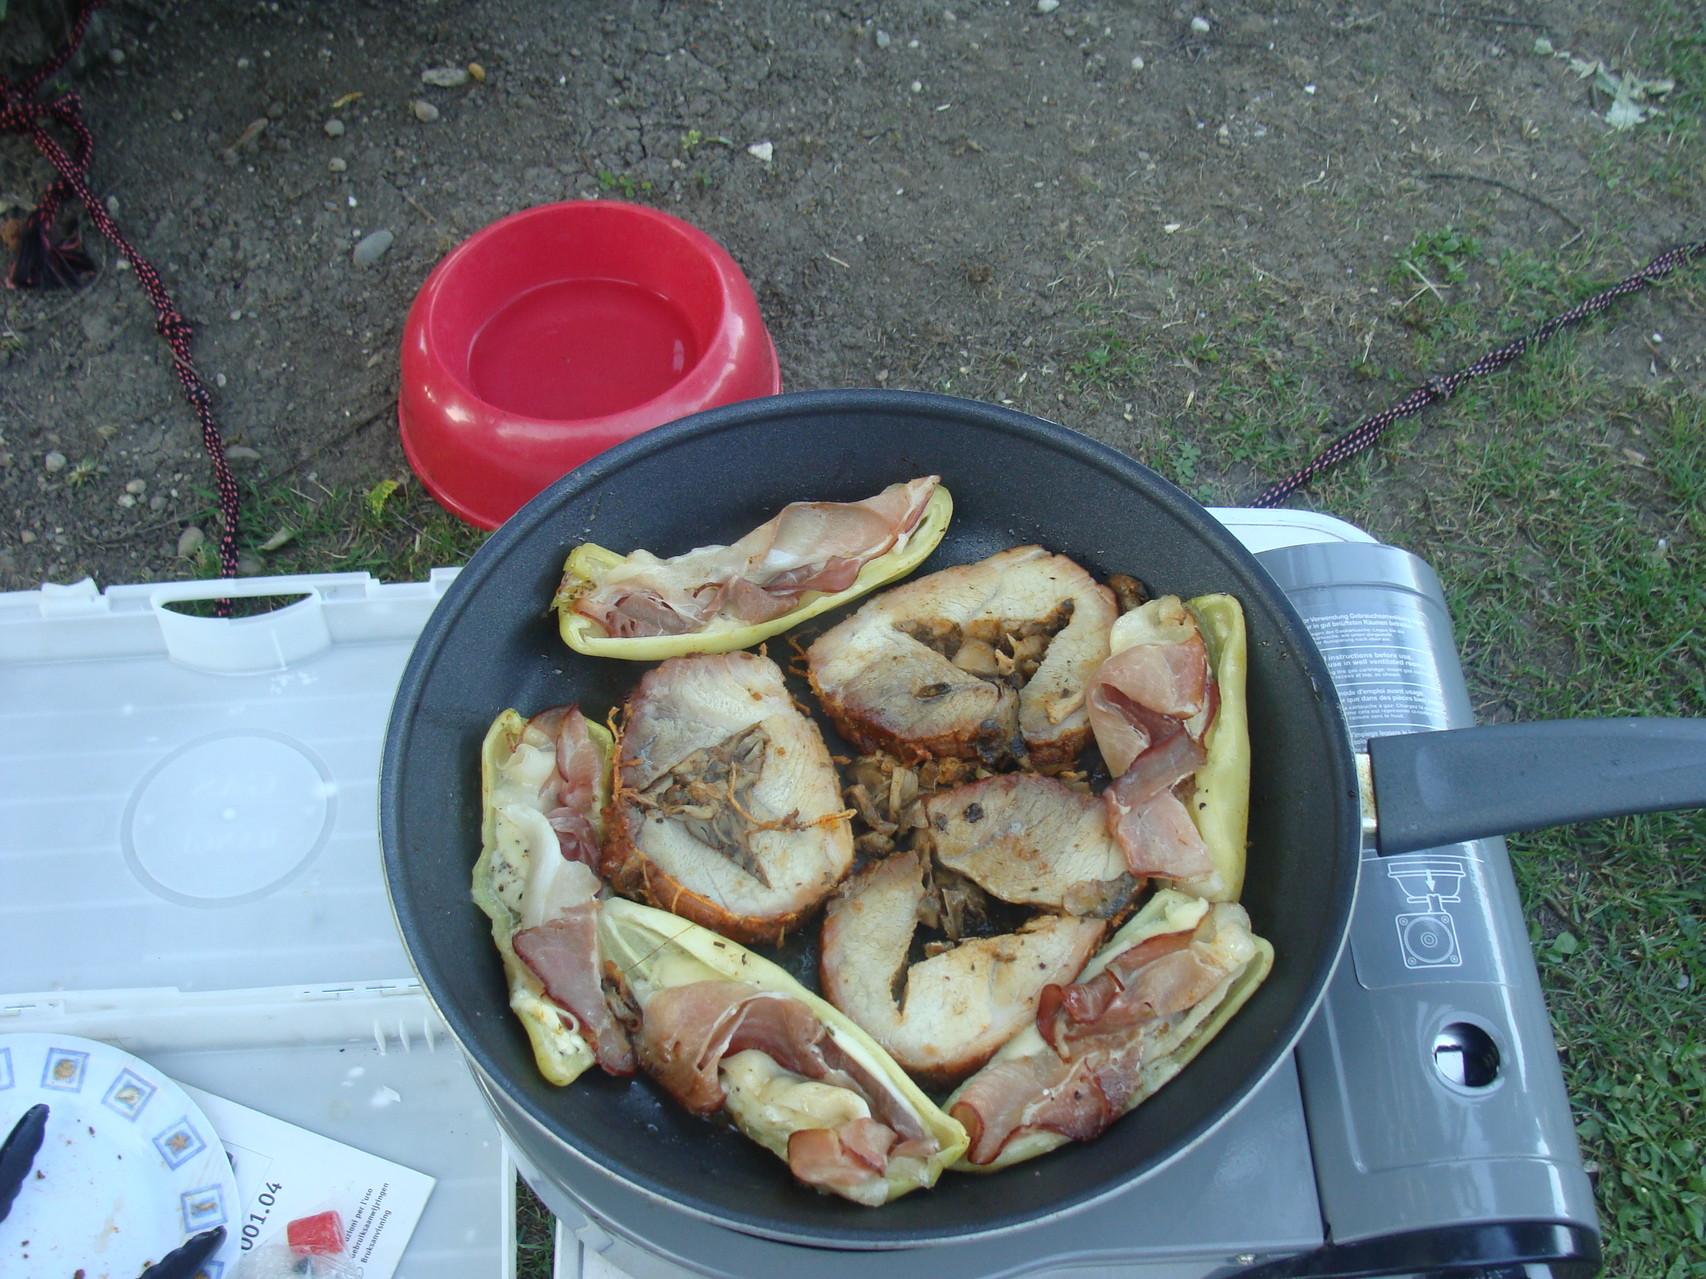 Die Reste haben wir am nächsten Tag auf dem einflamm Kartuschenkocher aufgewärmt und es hat wieder super toll geschmeckt gehabt.